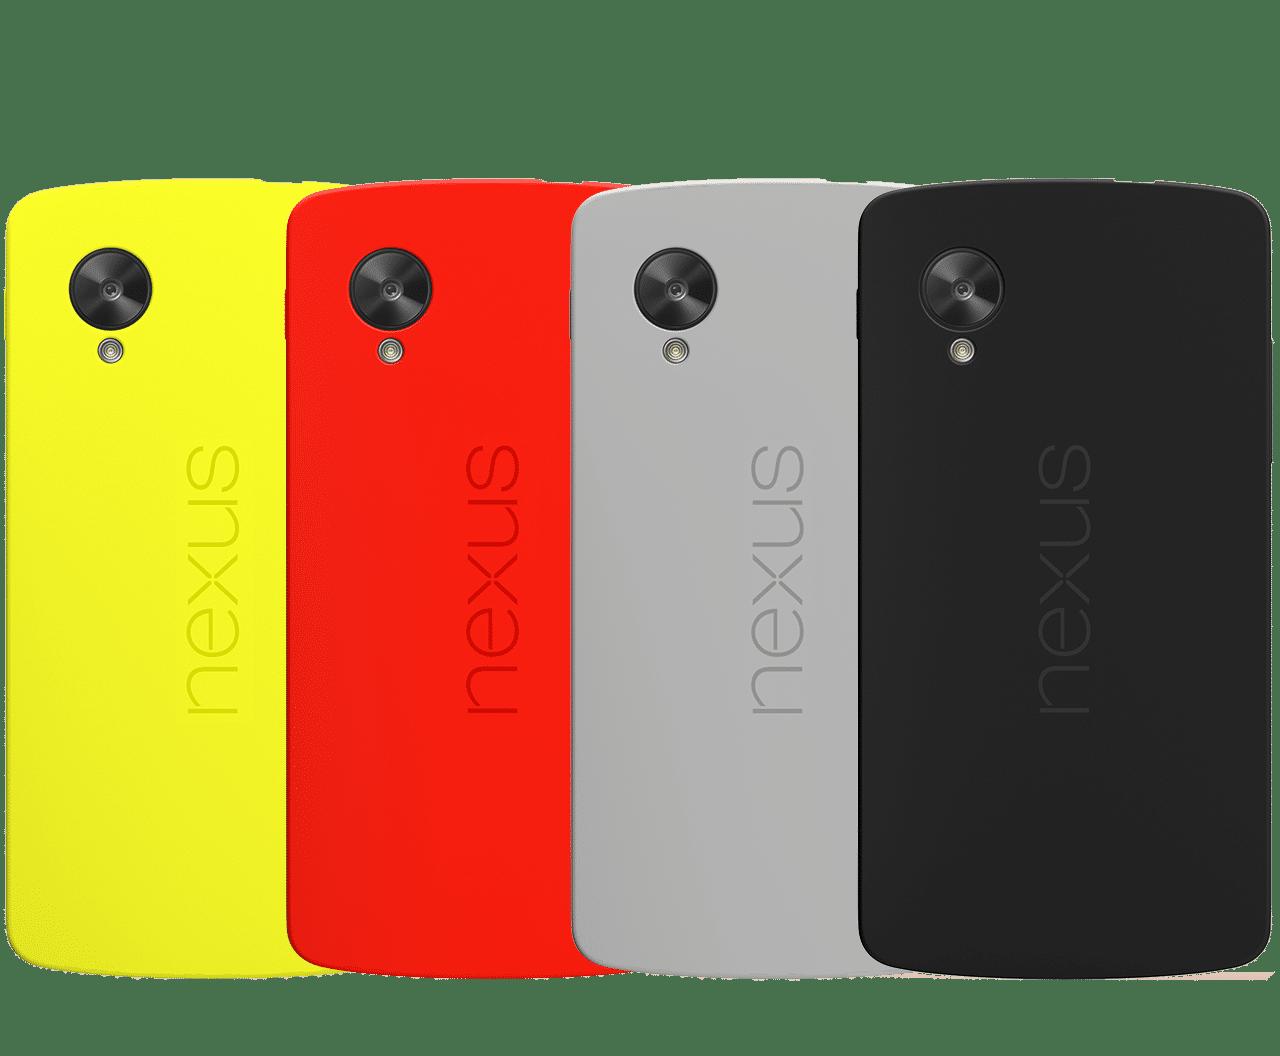 nexus 5 capacidad